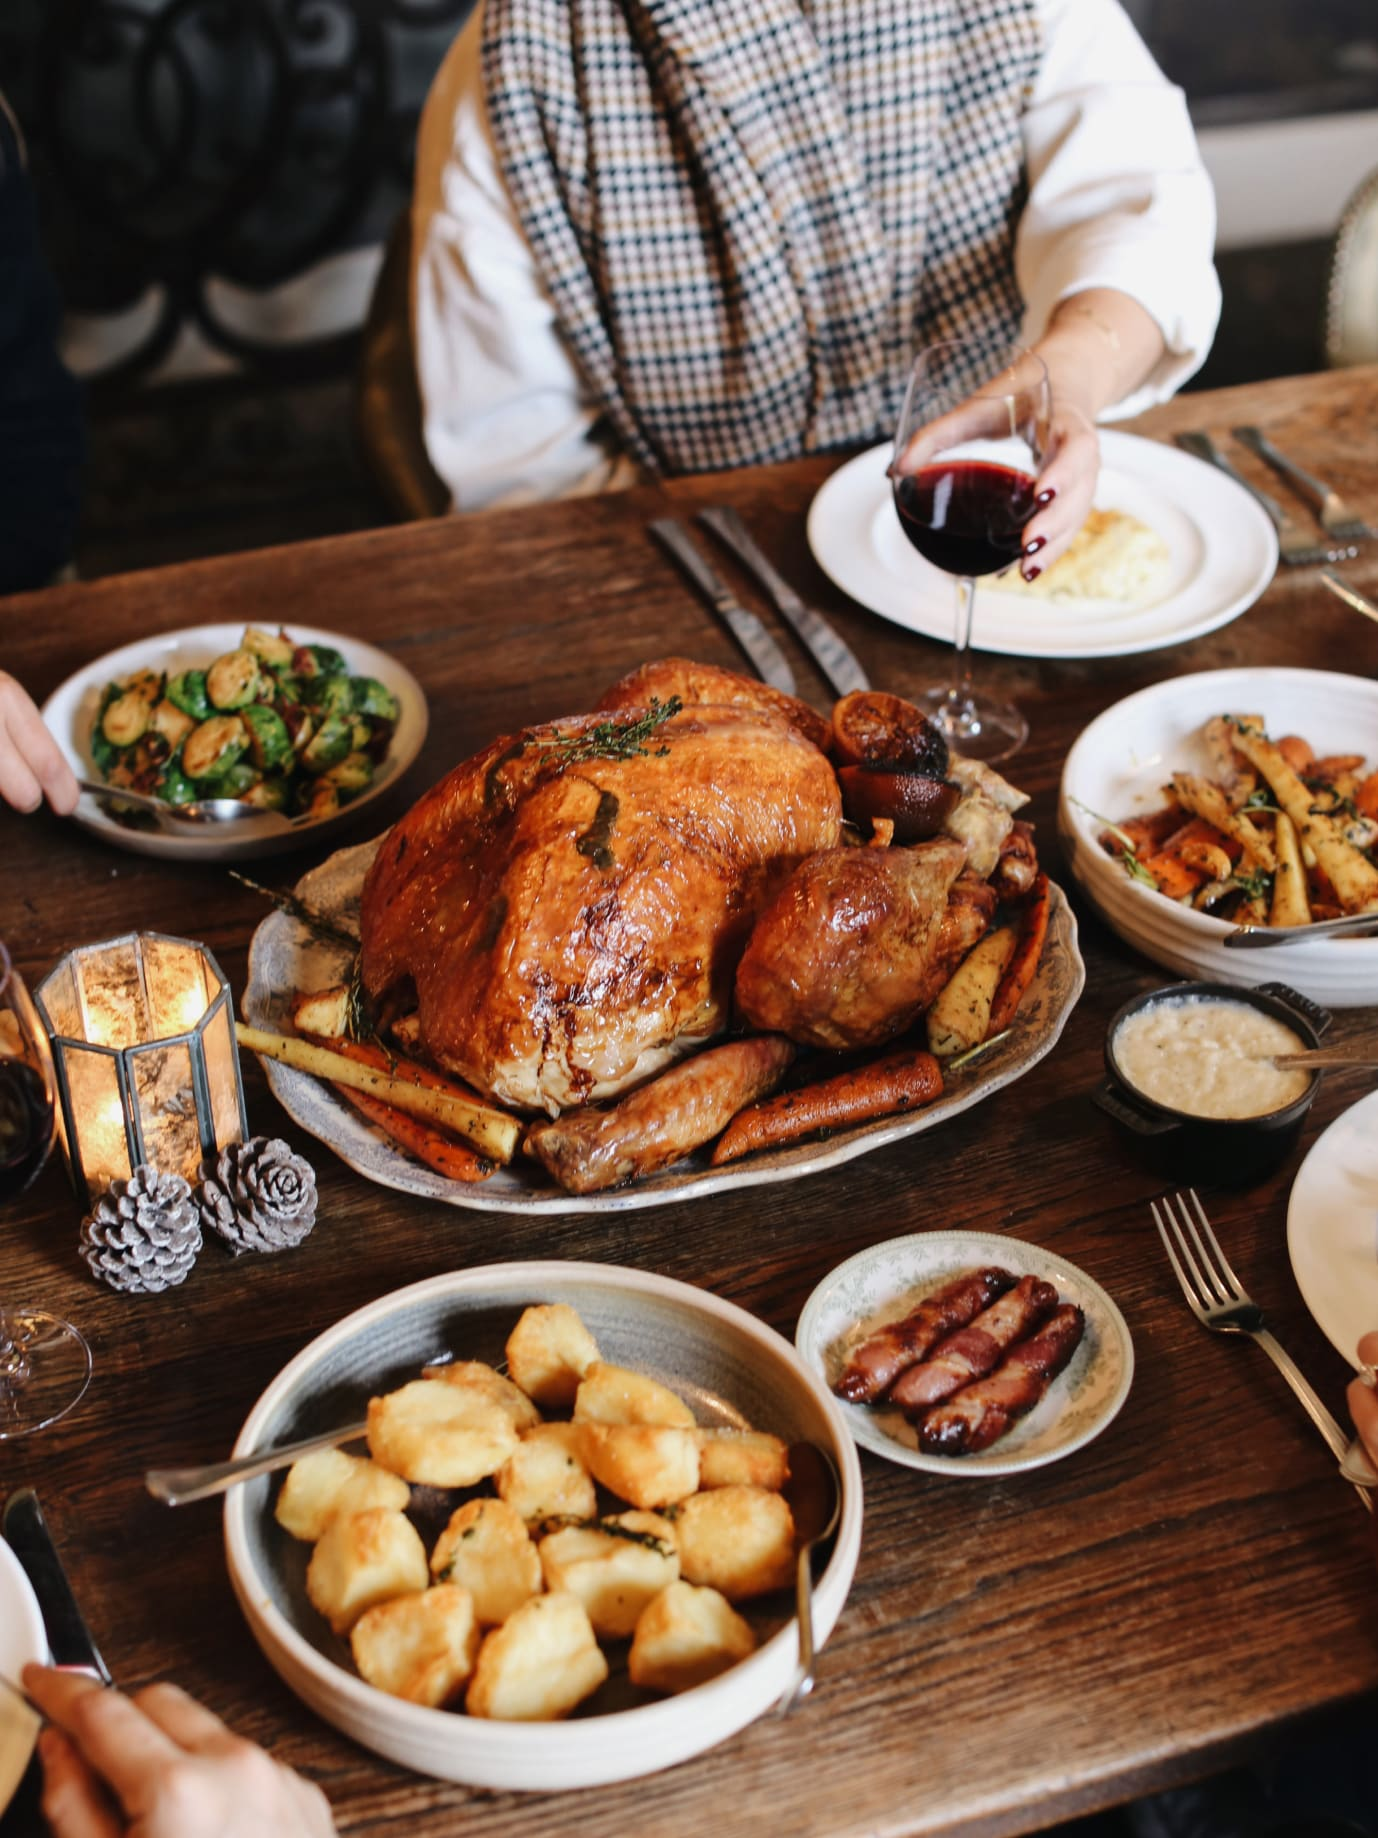 A sunday roast dinner including a giant roast turkey.